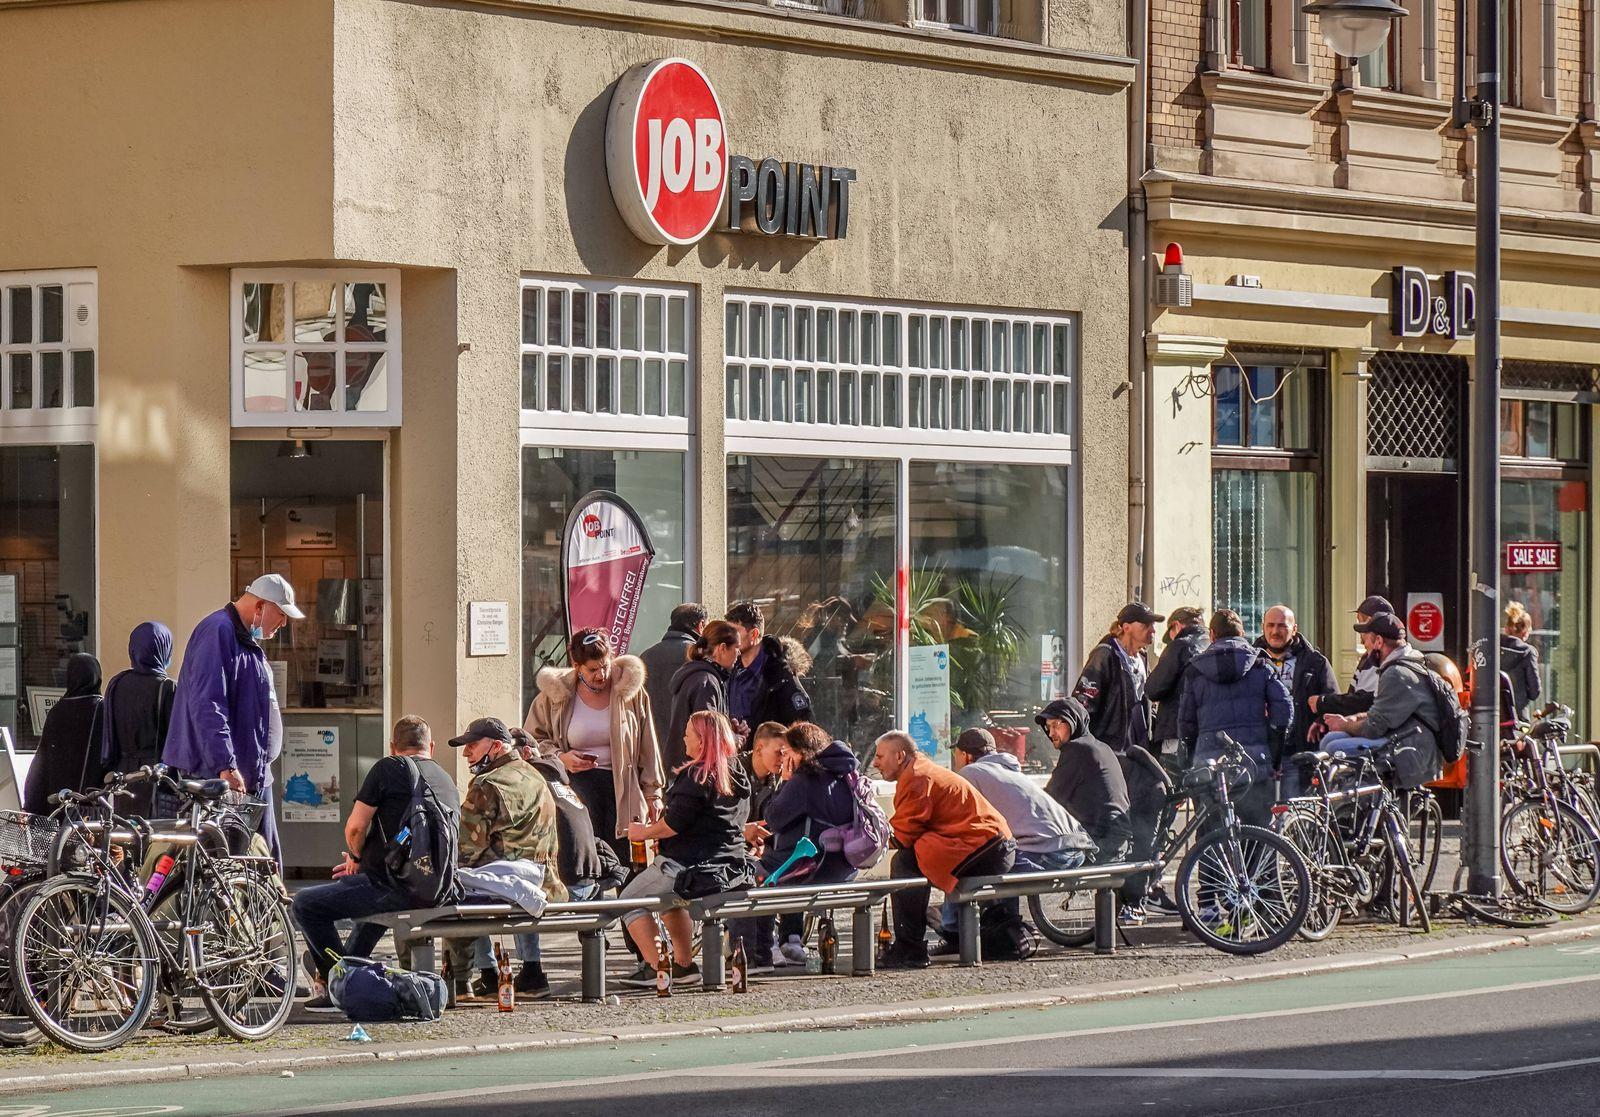 22.10.2020. Straßenszene in Zeiten von Corona. Hotspot Neukölln. Arbeitslose Menschen vor dem Job Point Karl-Marx-Stras